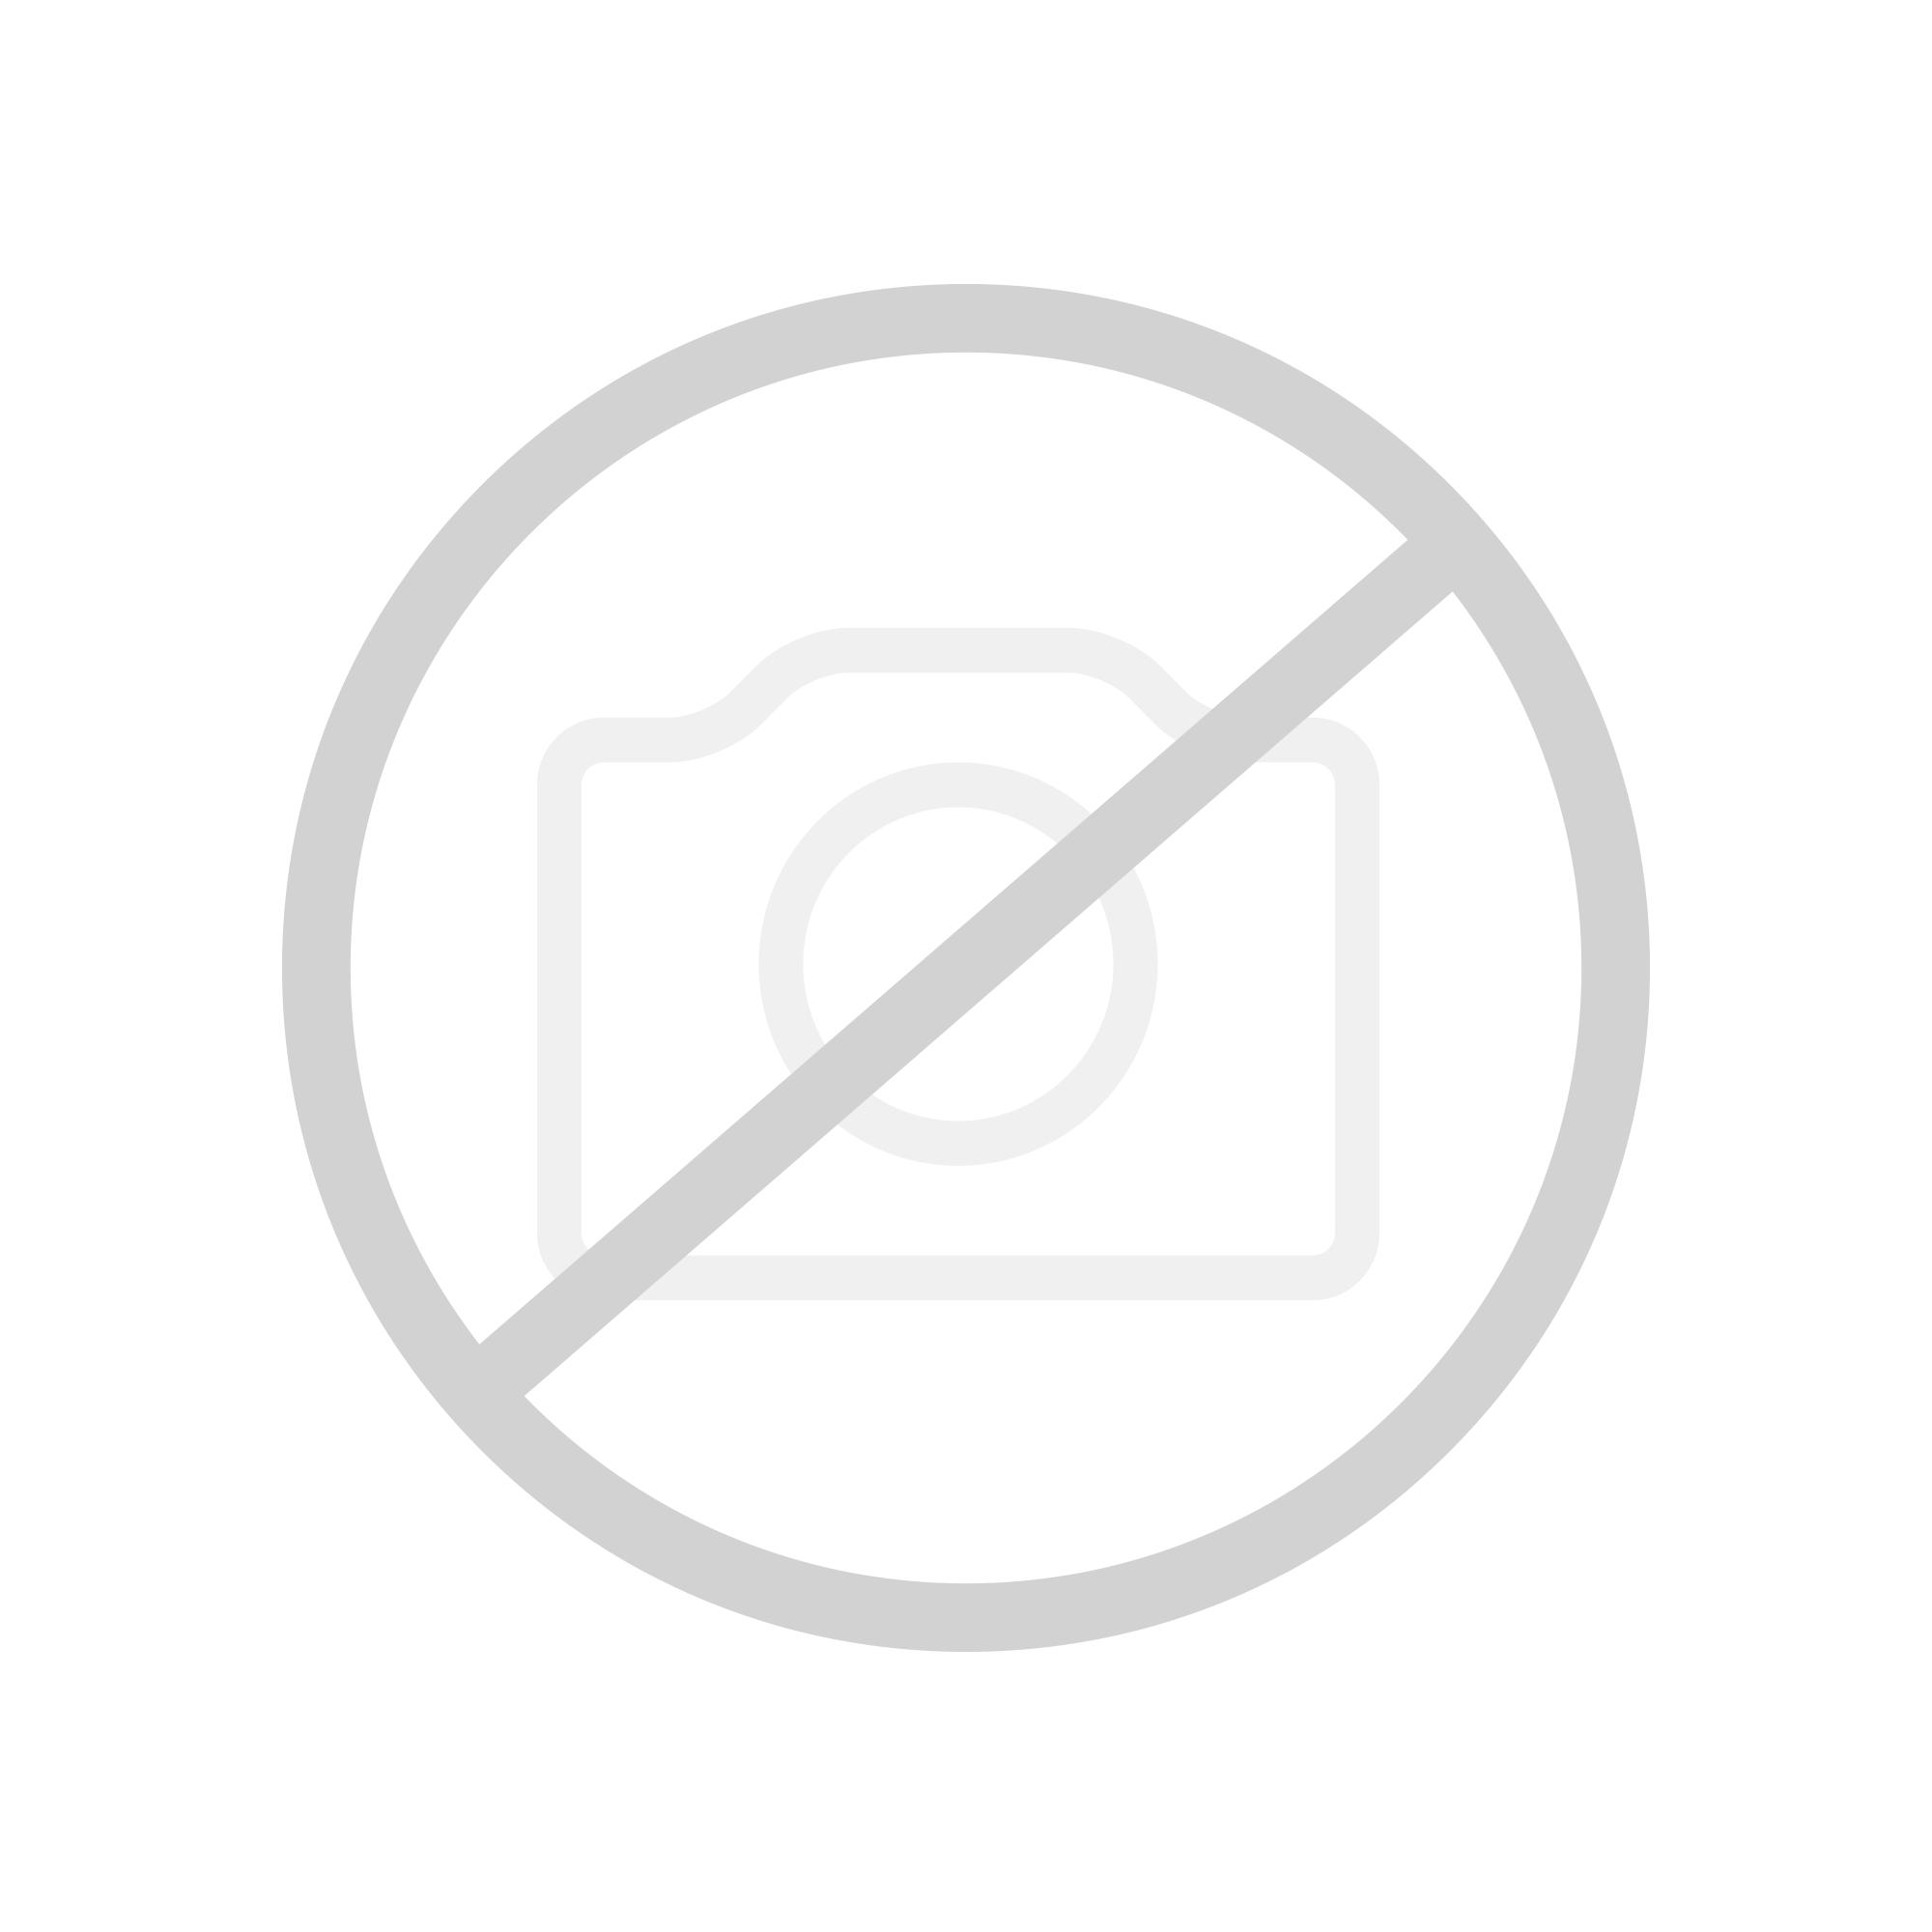 steinberg serie 120 unterputzthermostat 3 4 mit 2. Black Bedroom Furniture Sets. Home Design Ideas